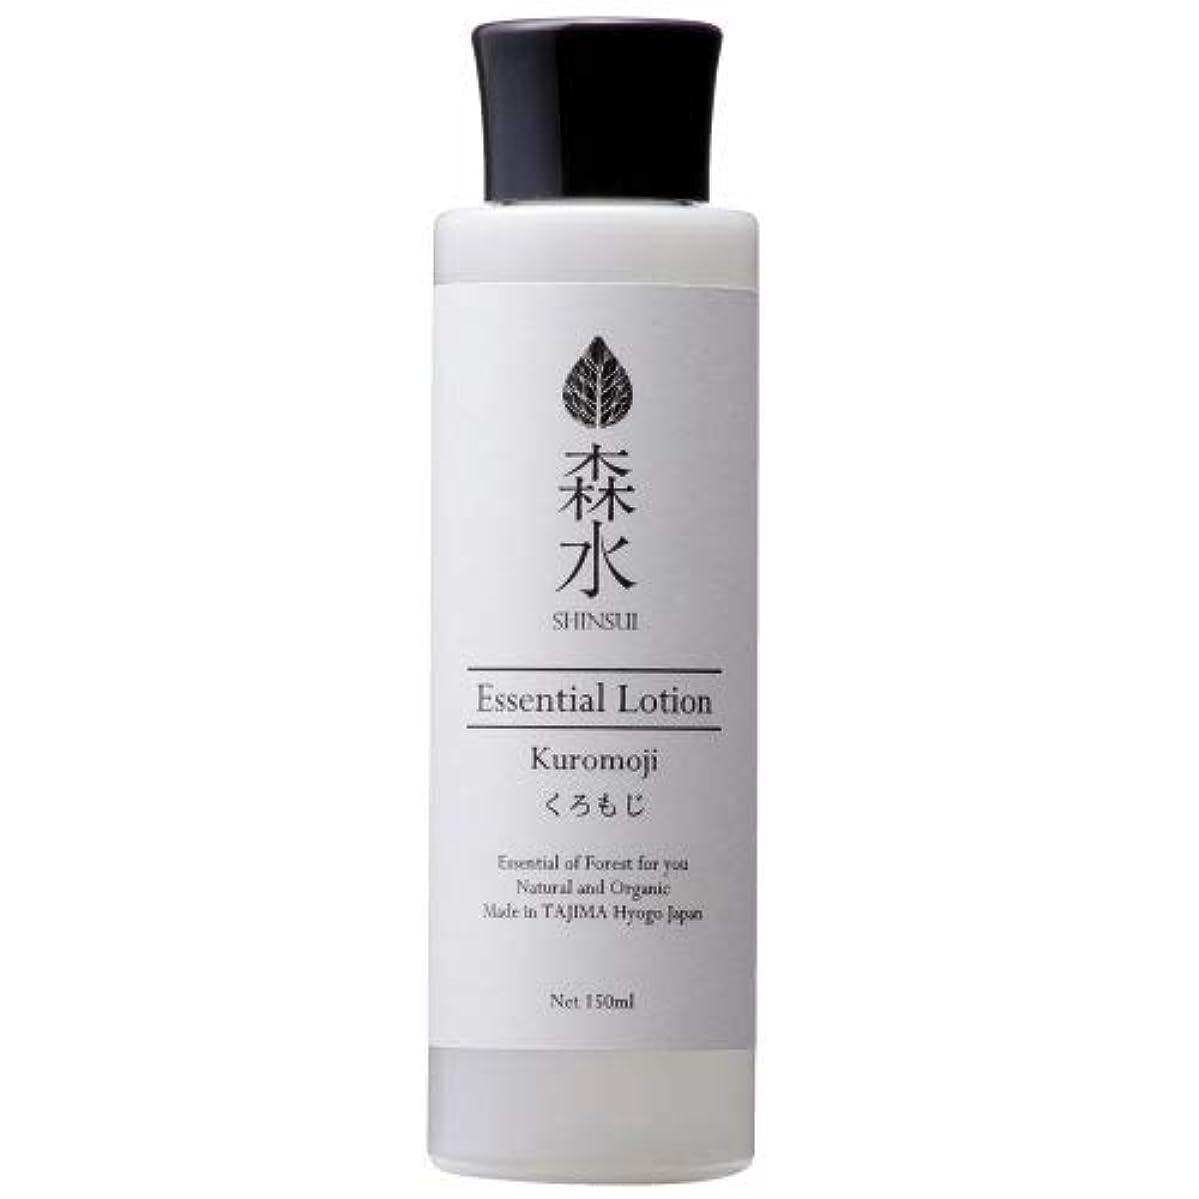 持続する工業用ゆでる森水-SHINSUI シンスイ-くろもじ化粧水(Kuromoji Essential Lotion)150ml